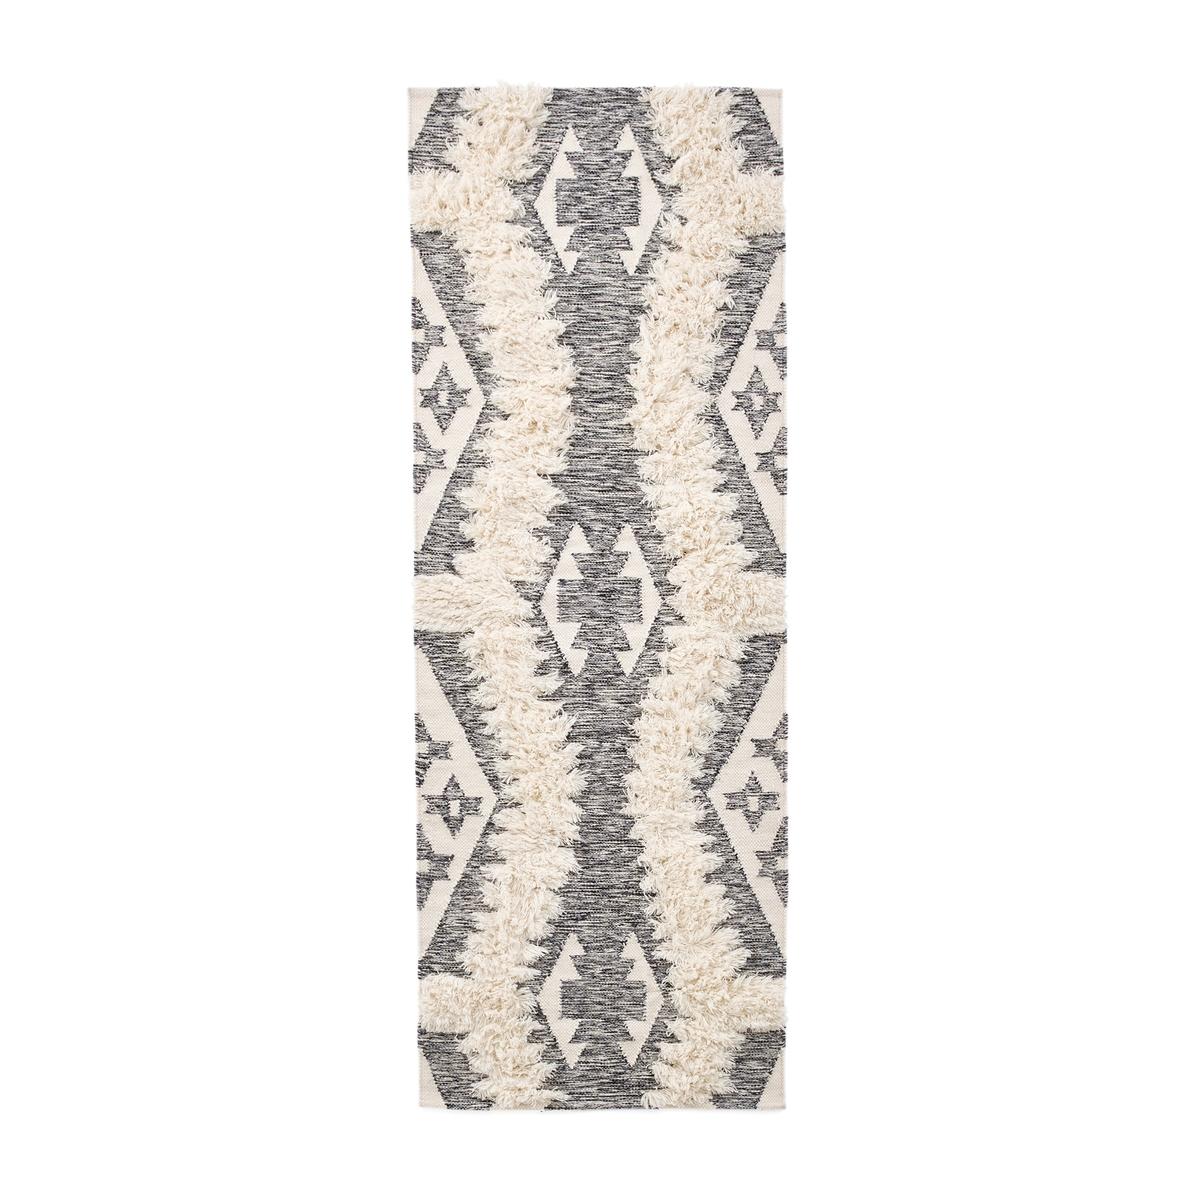 Ковровая дорожка для коридора, сотканная вручную из шерсти и хлопка, KOWALSKA